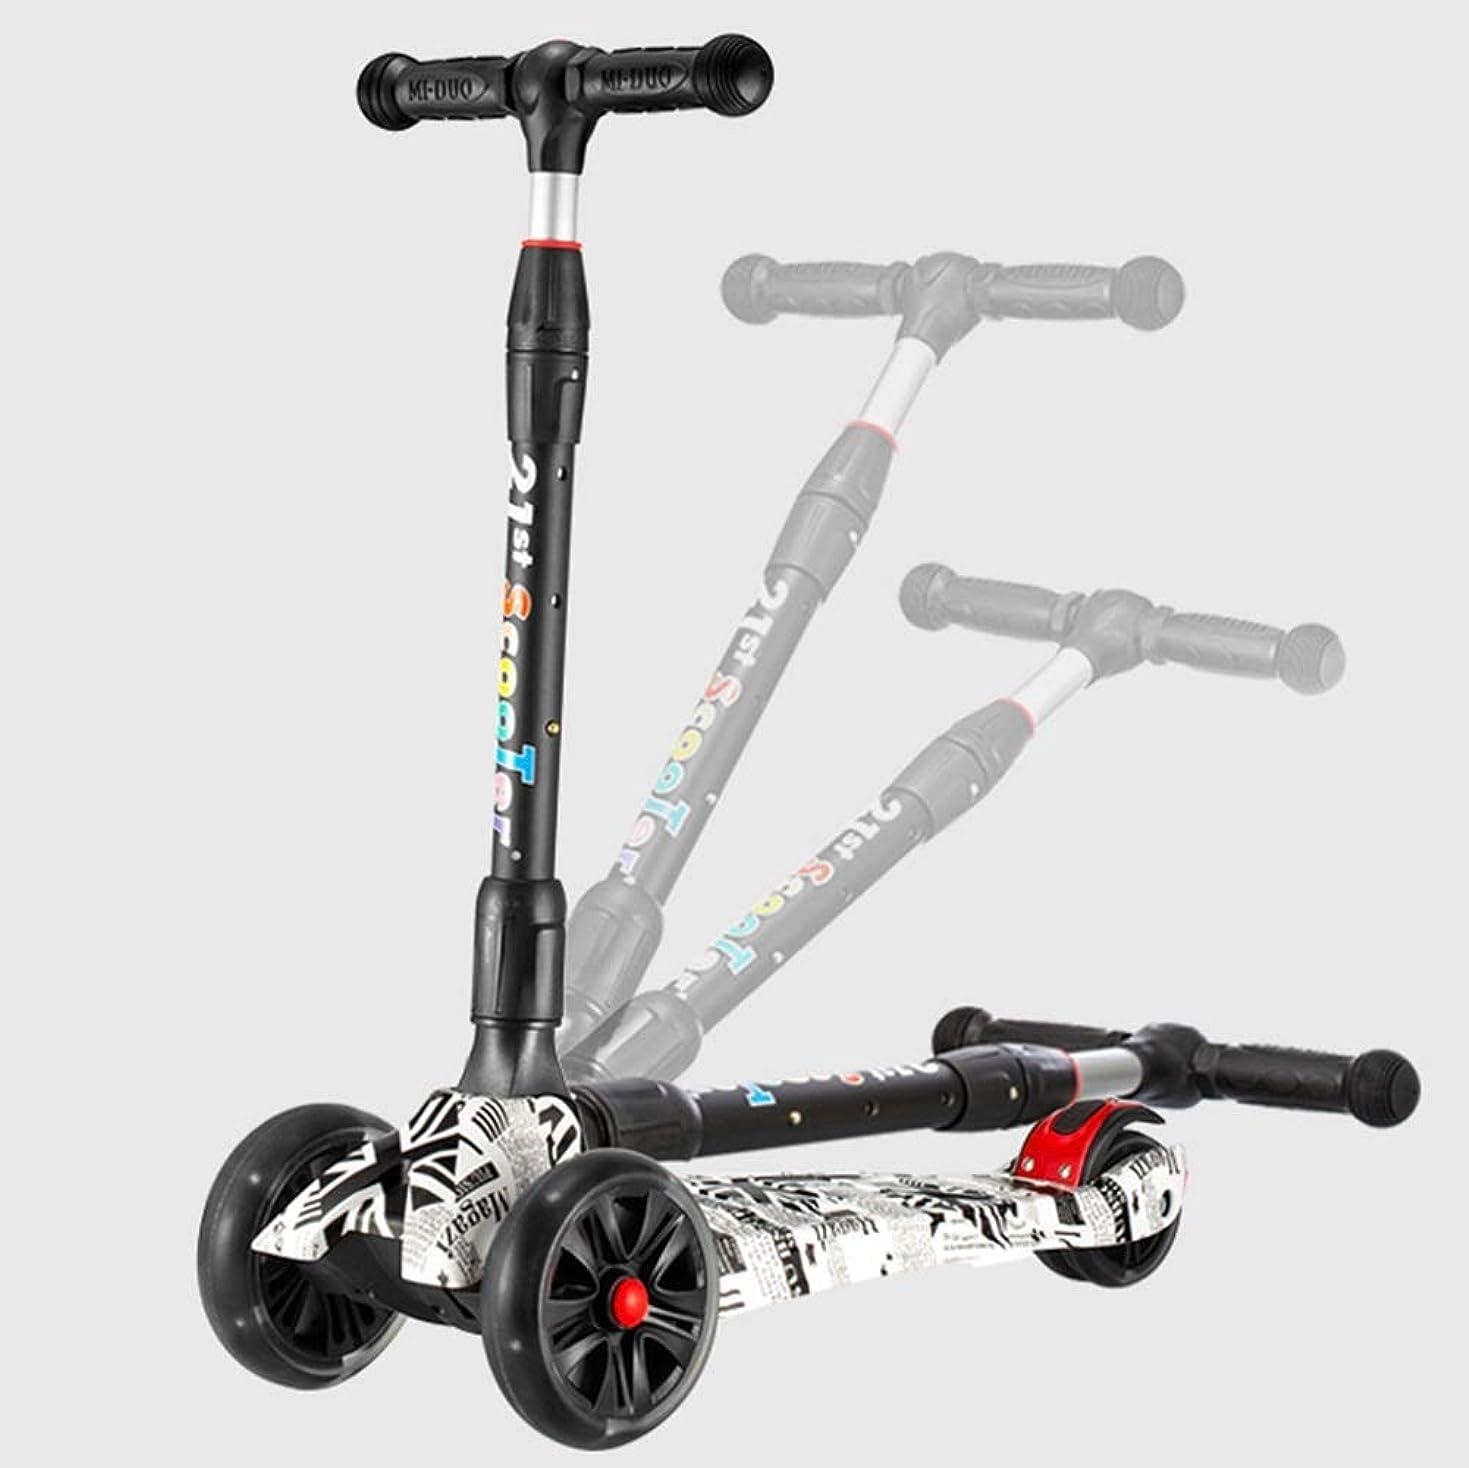 コストメイド考案するLJHBC キックスクーター 高さ調節可能 四輪フラッシュ 子供用スクーター 落書き外観 折りやすい 2?12歳の子供 ベアリング100kg